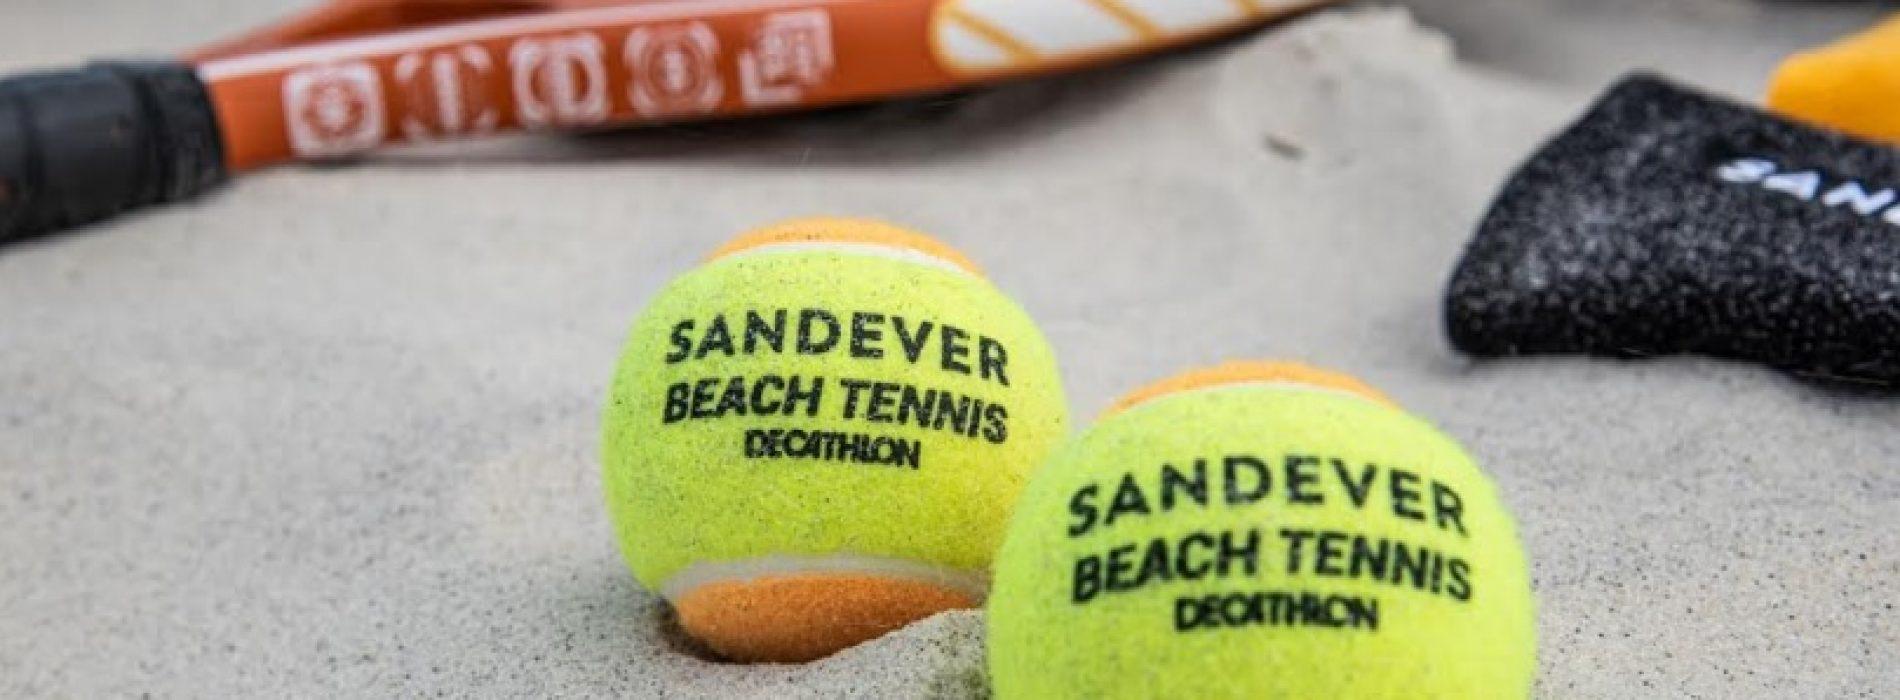 Decathlon cresce no beach tennis com marca própria Sandever